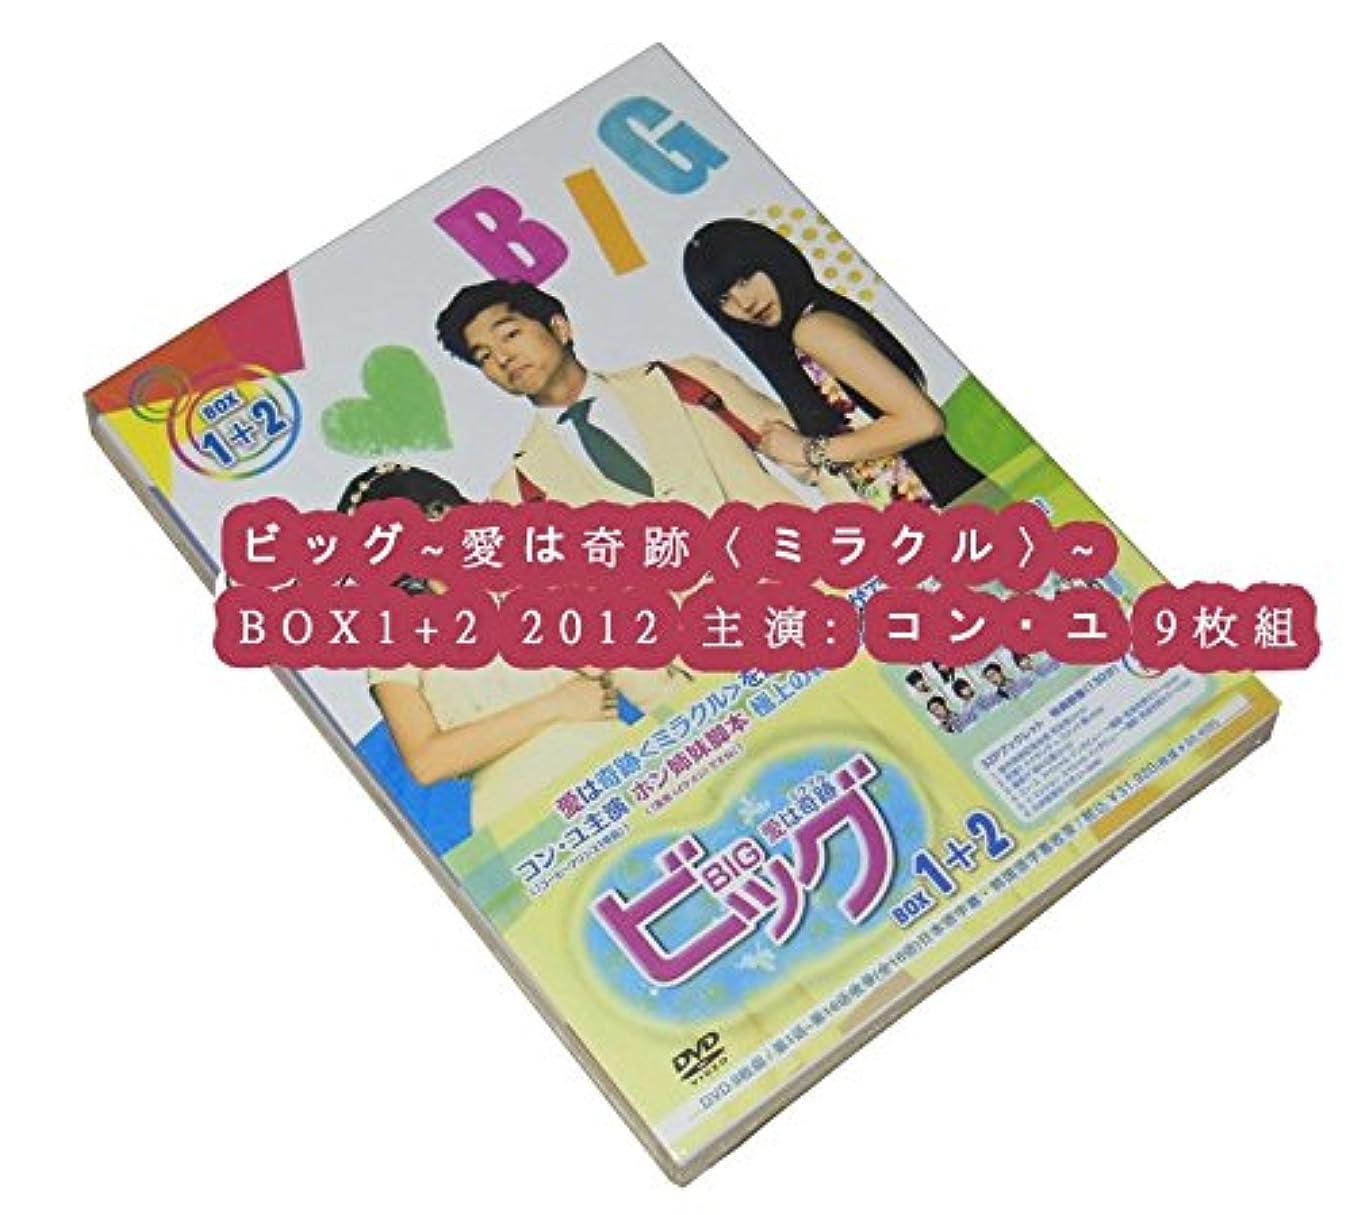 簡単に木製主要なビッグ~愛は奇跡〈ミラクル〉~ BOX1+2 2012 主演: コン?ユ